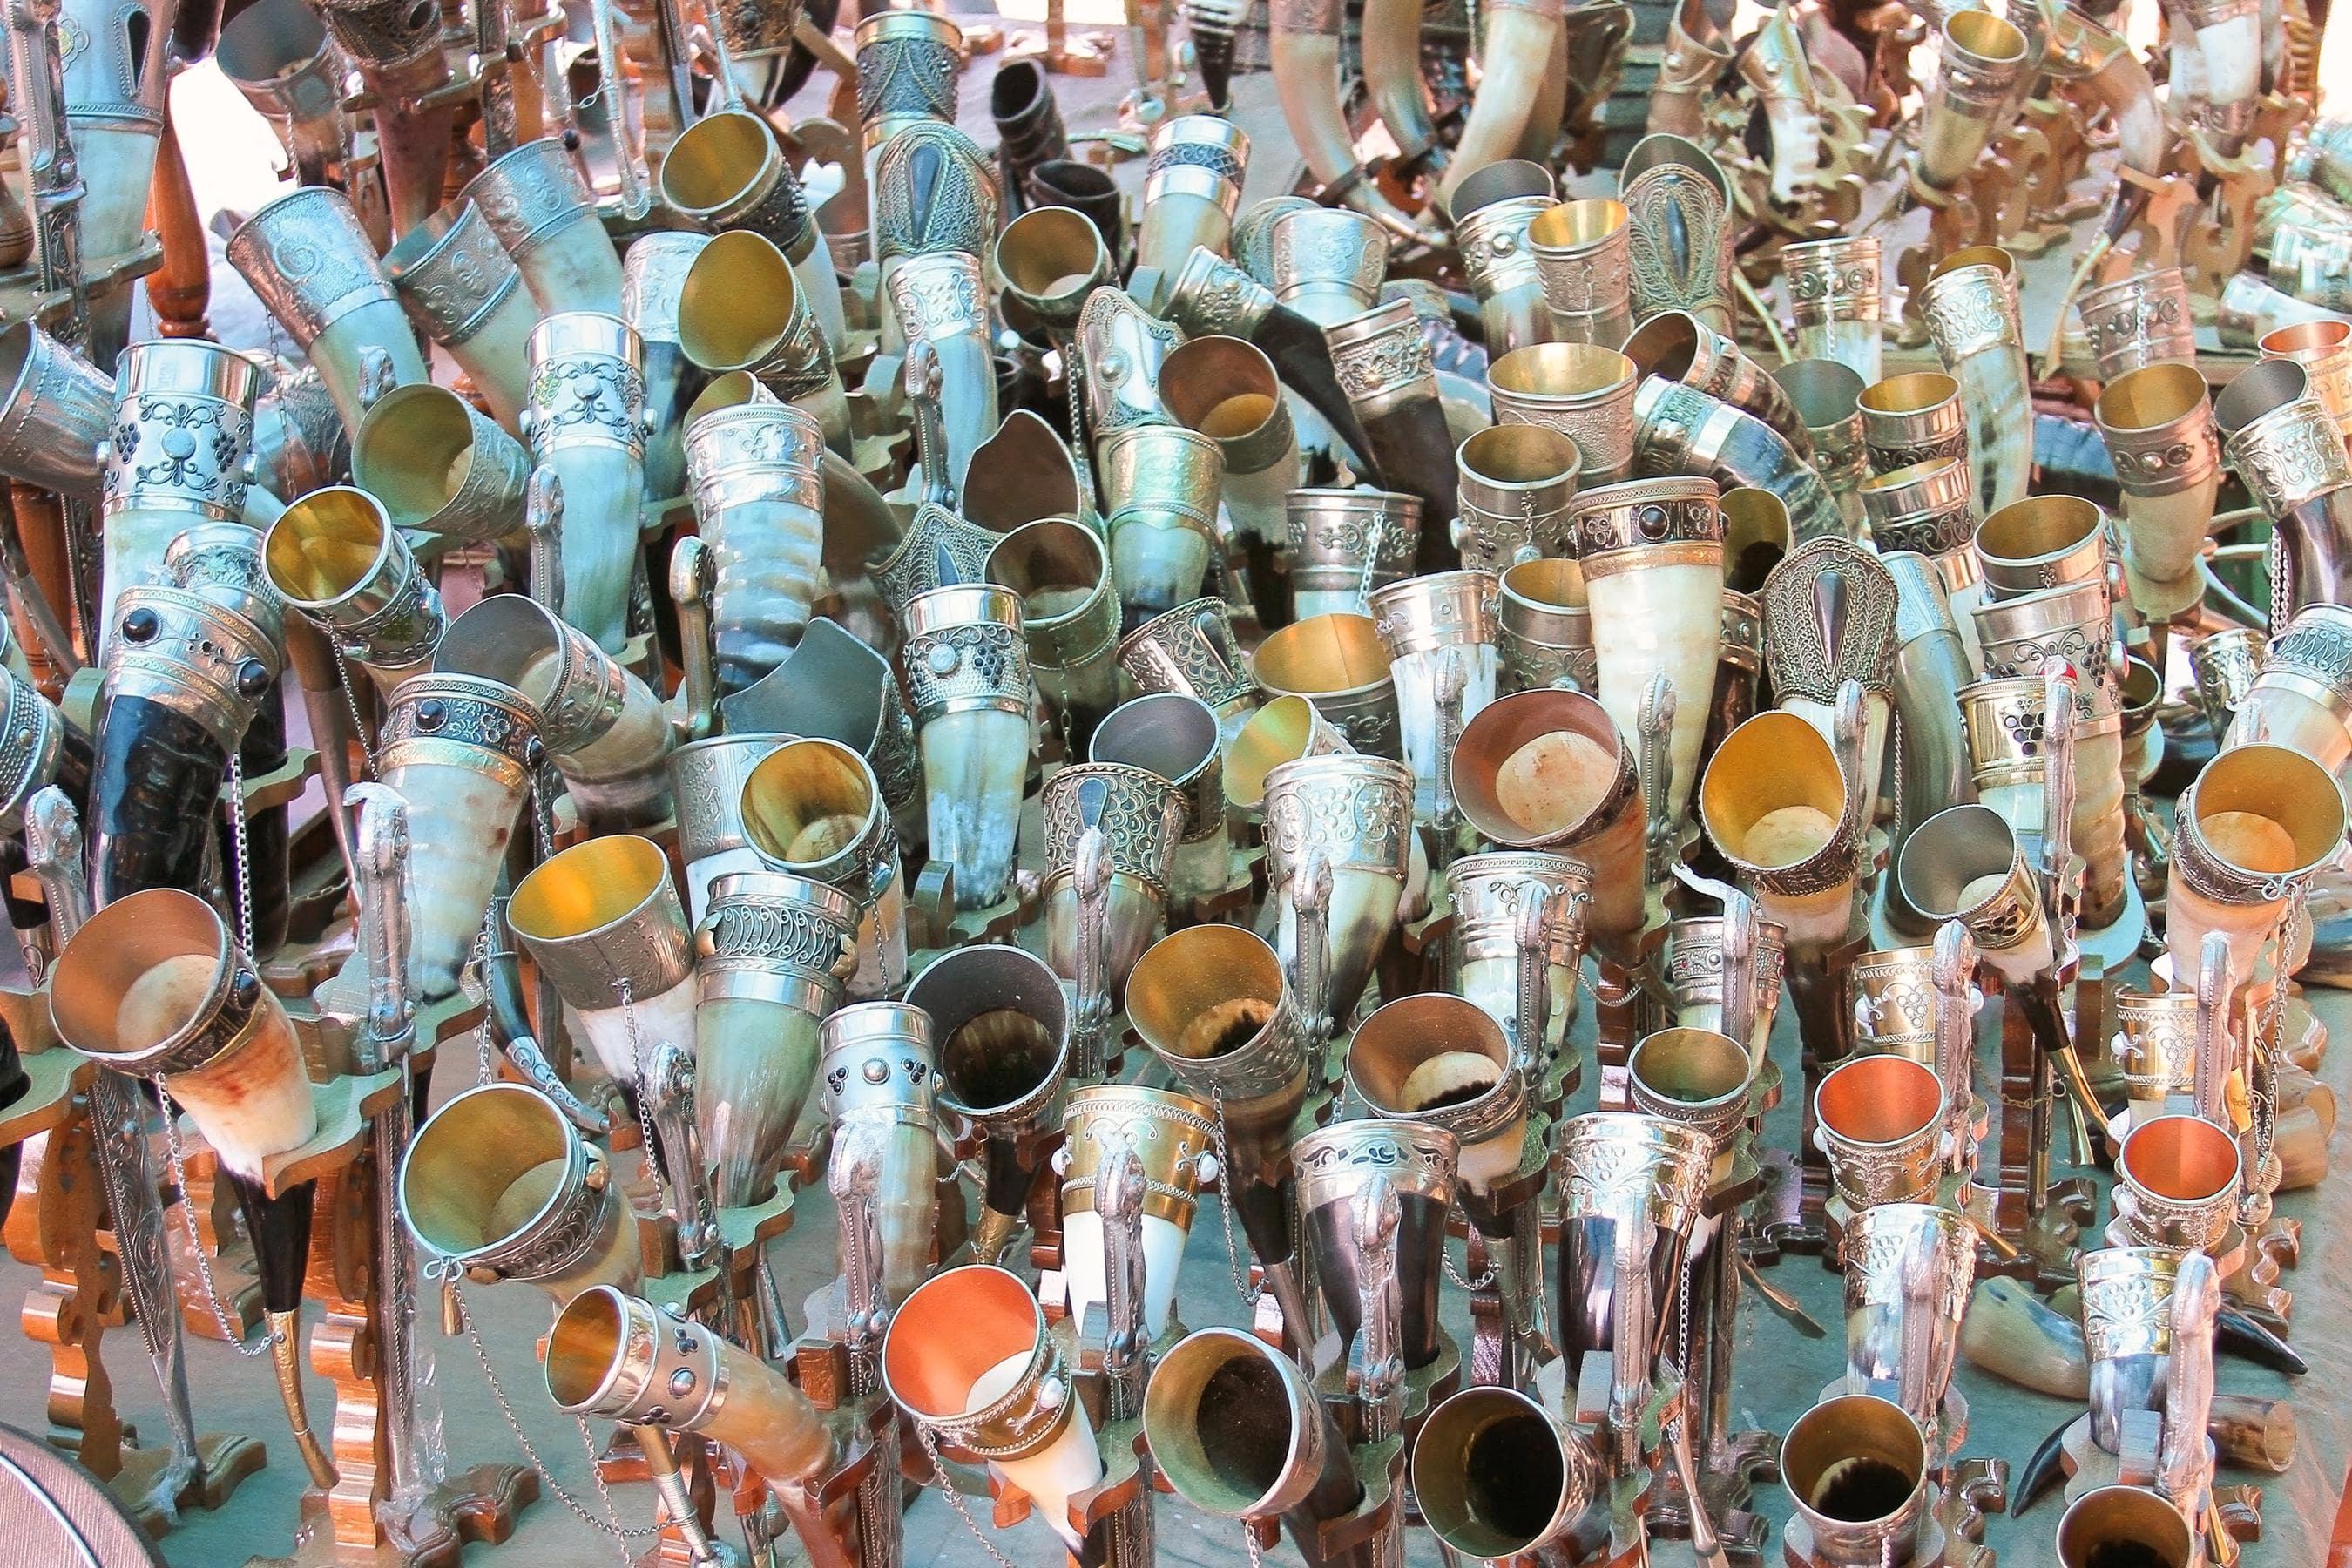 Wine Glasses Made of Horns